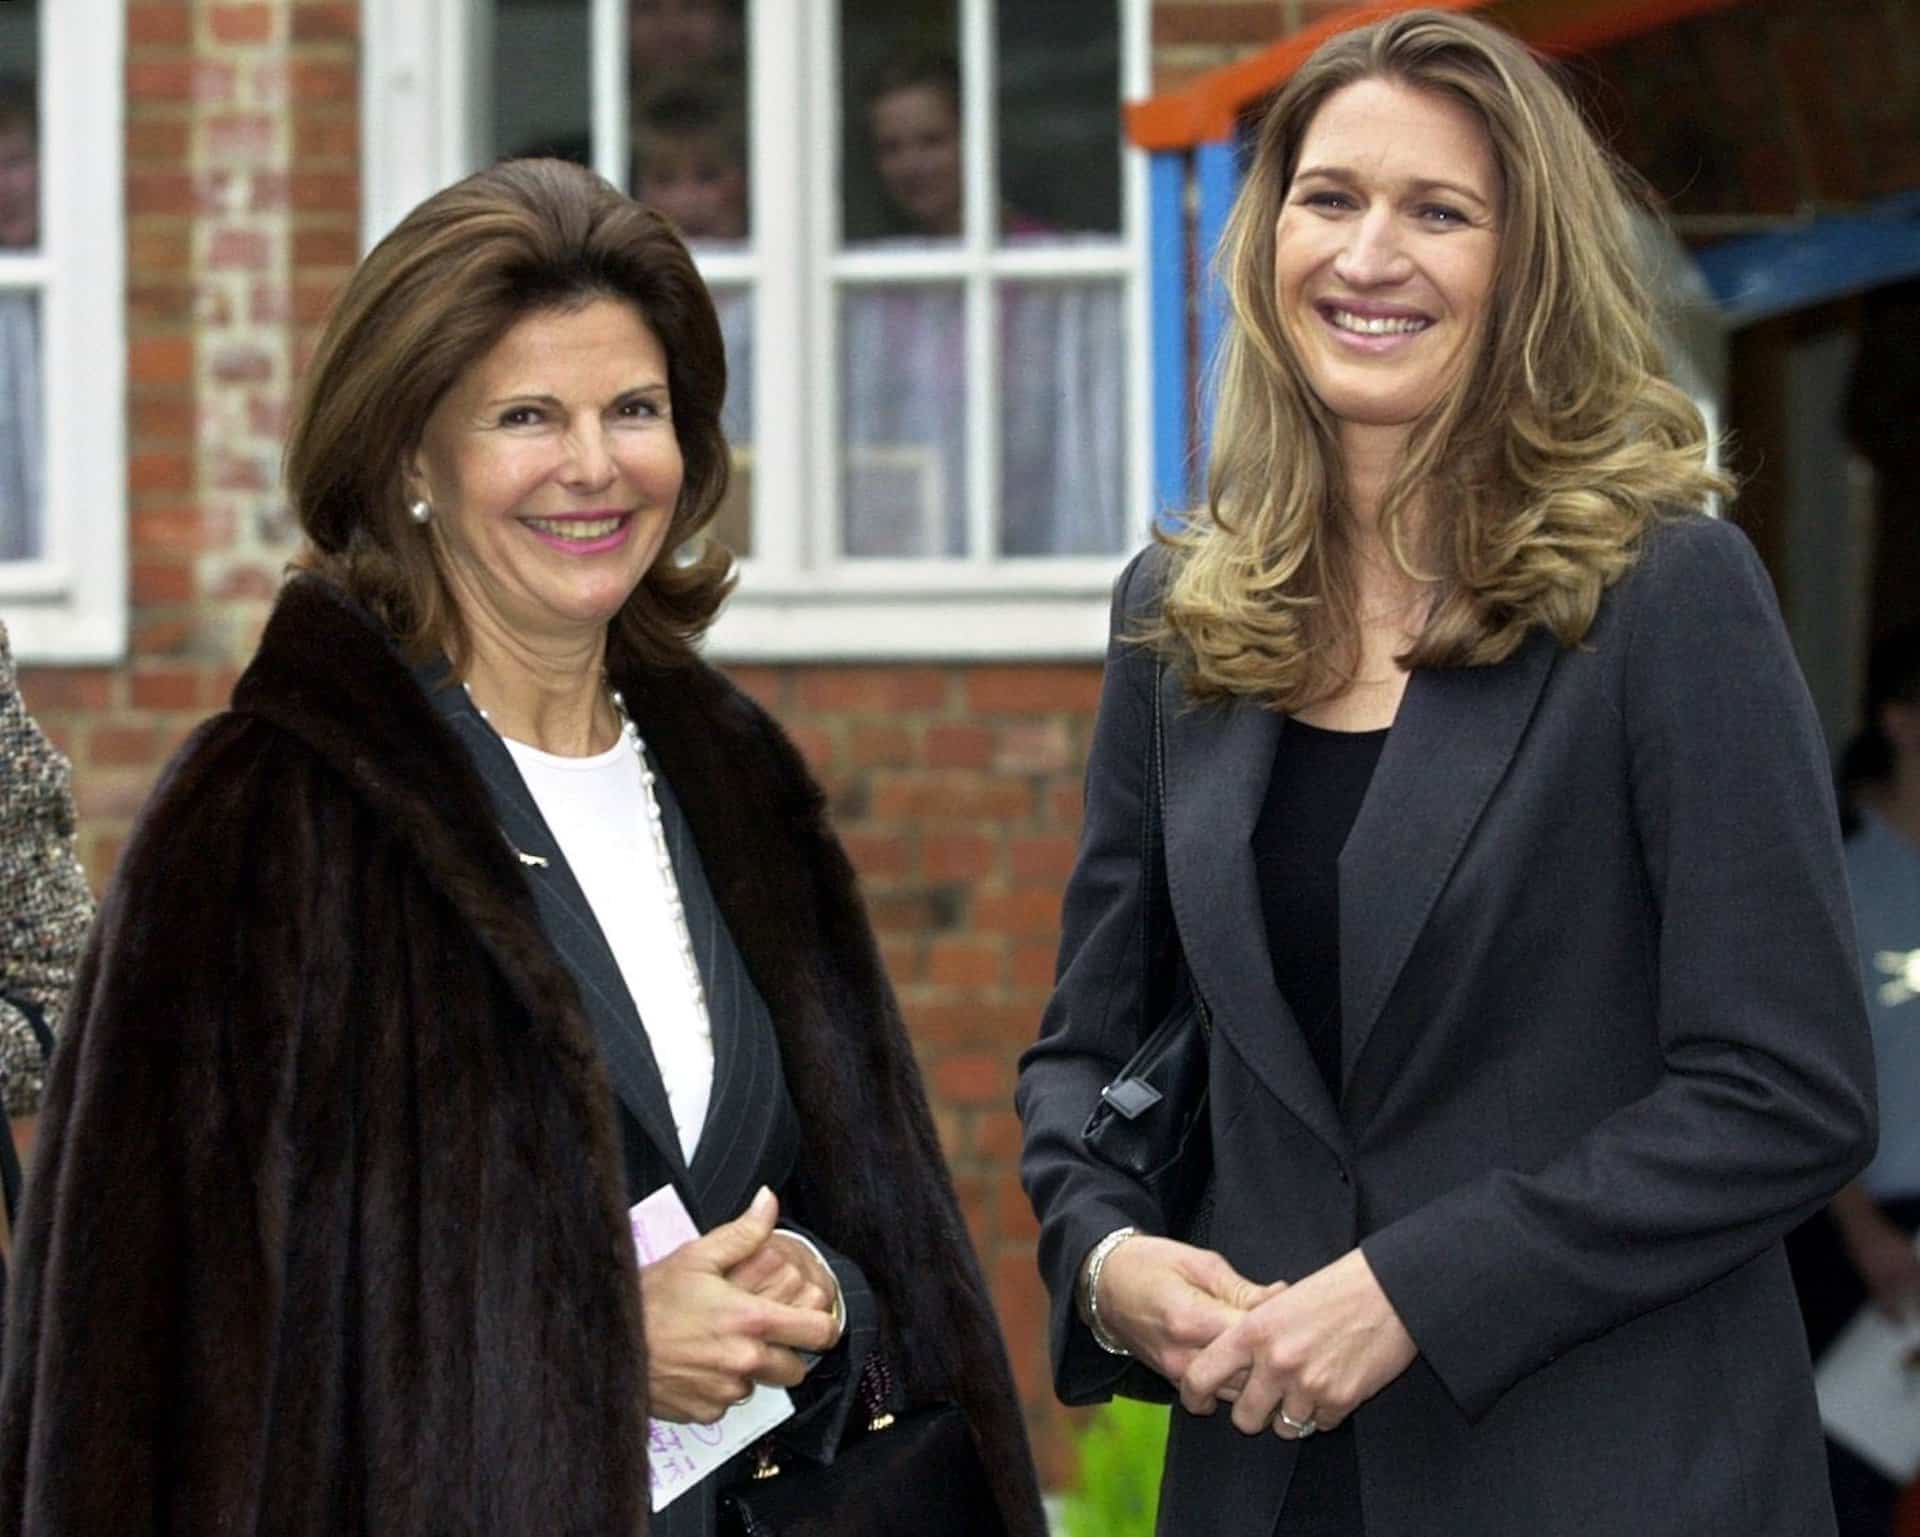 Royals treffen Promis: Galerie mit den schönsten Fotos